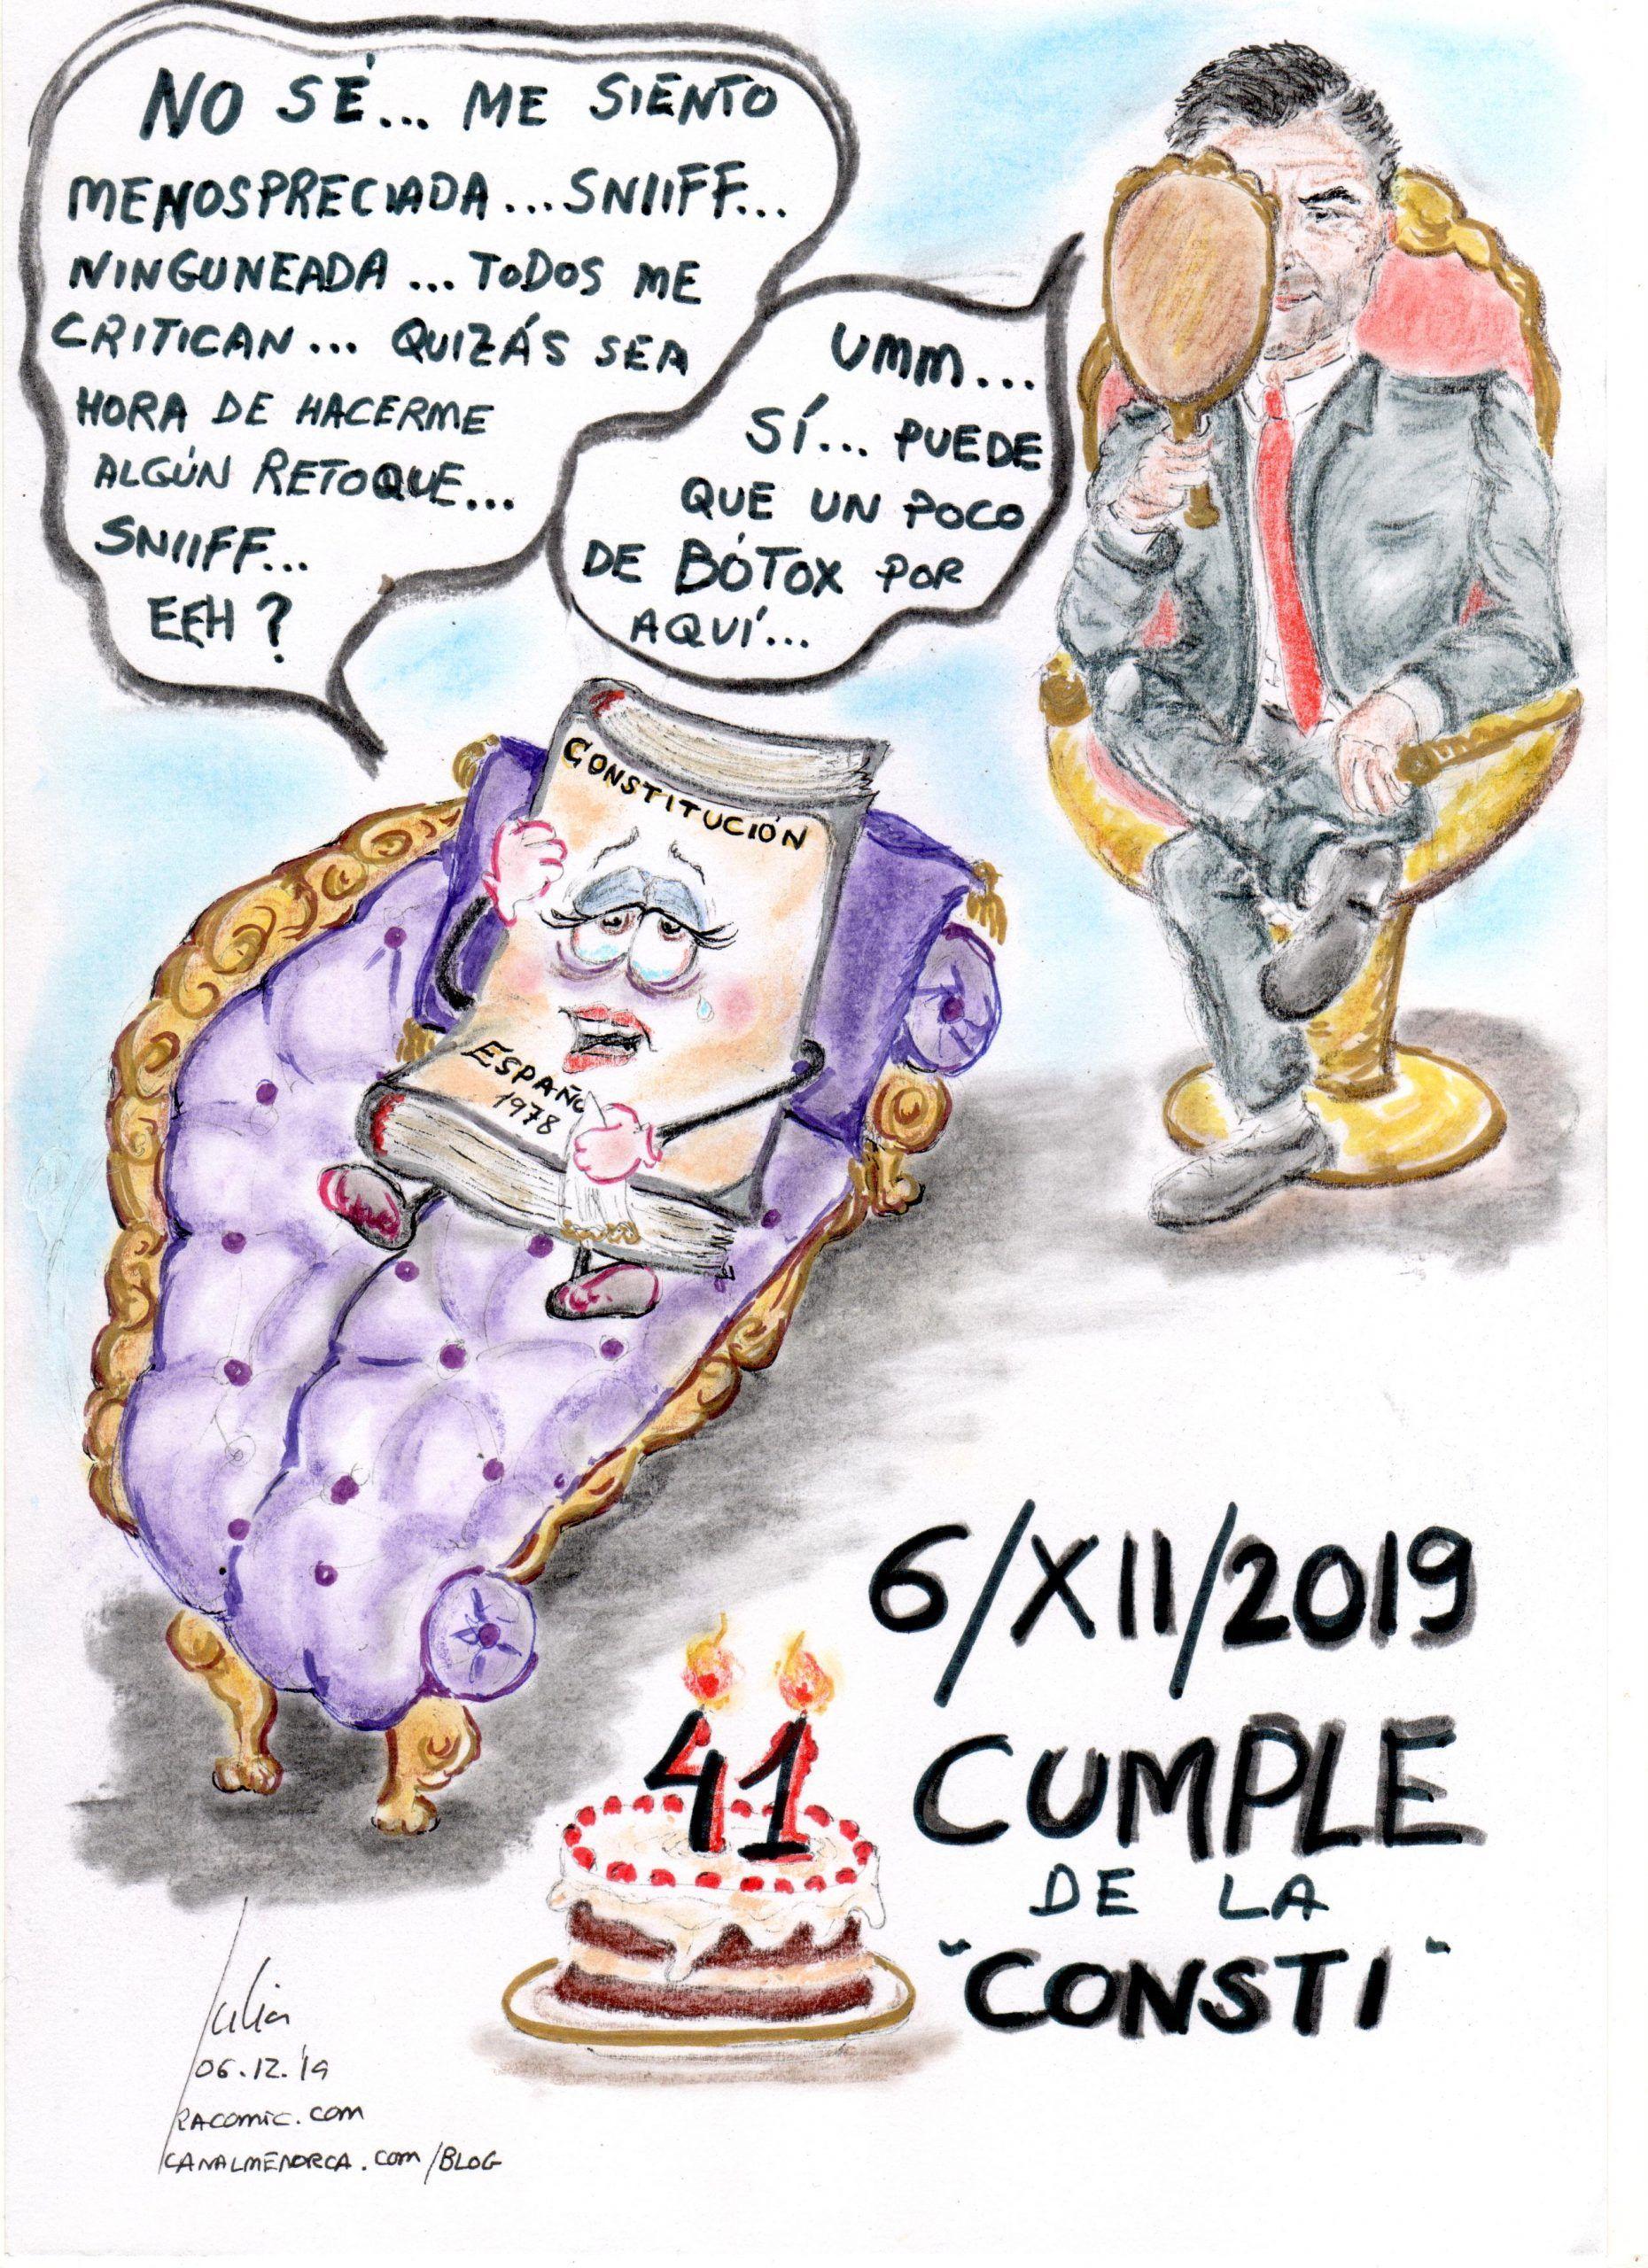 cómic, viñeta, dibujo, tebeo, historieta, arte, caricatura, rincón de julia, Rabiosa Actualidad, Radiaciones Comiqueras, Cómic Digital, navegantes racomiqueros, racomic.com, constitución, festividad, Feliz cumpleaños, canalmenorca.com